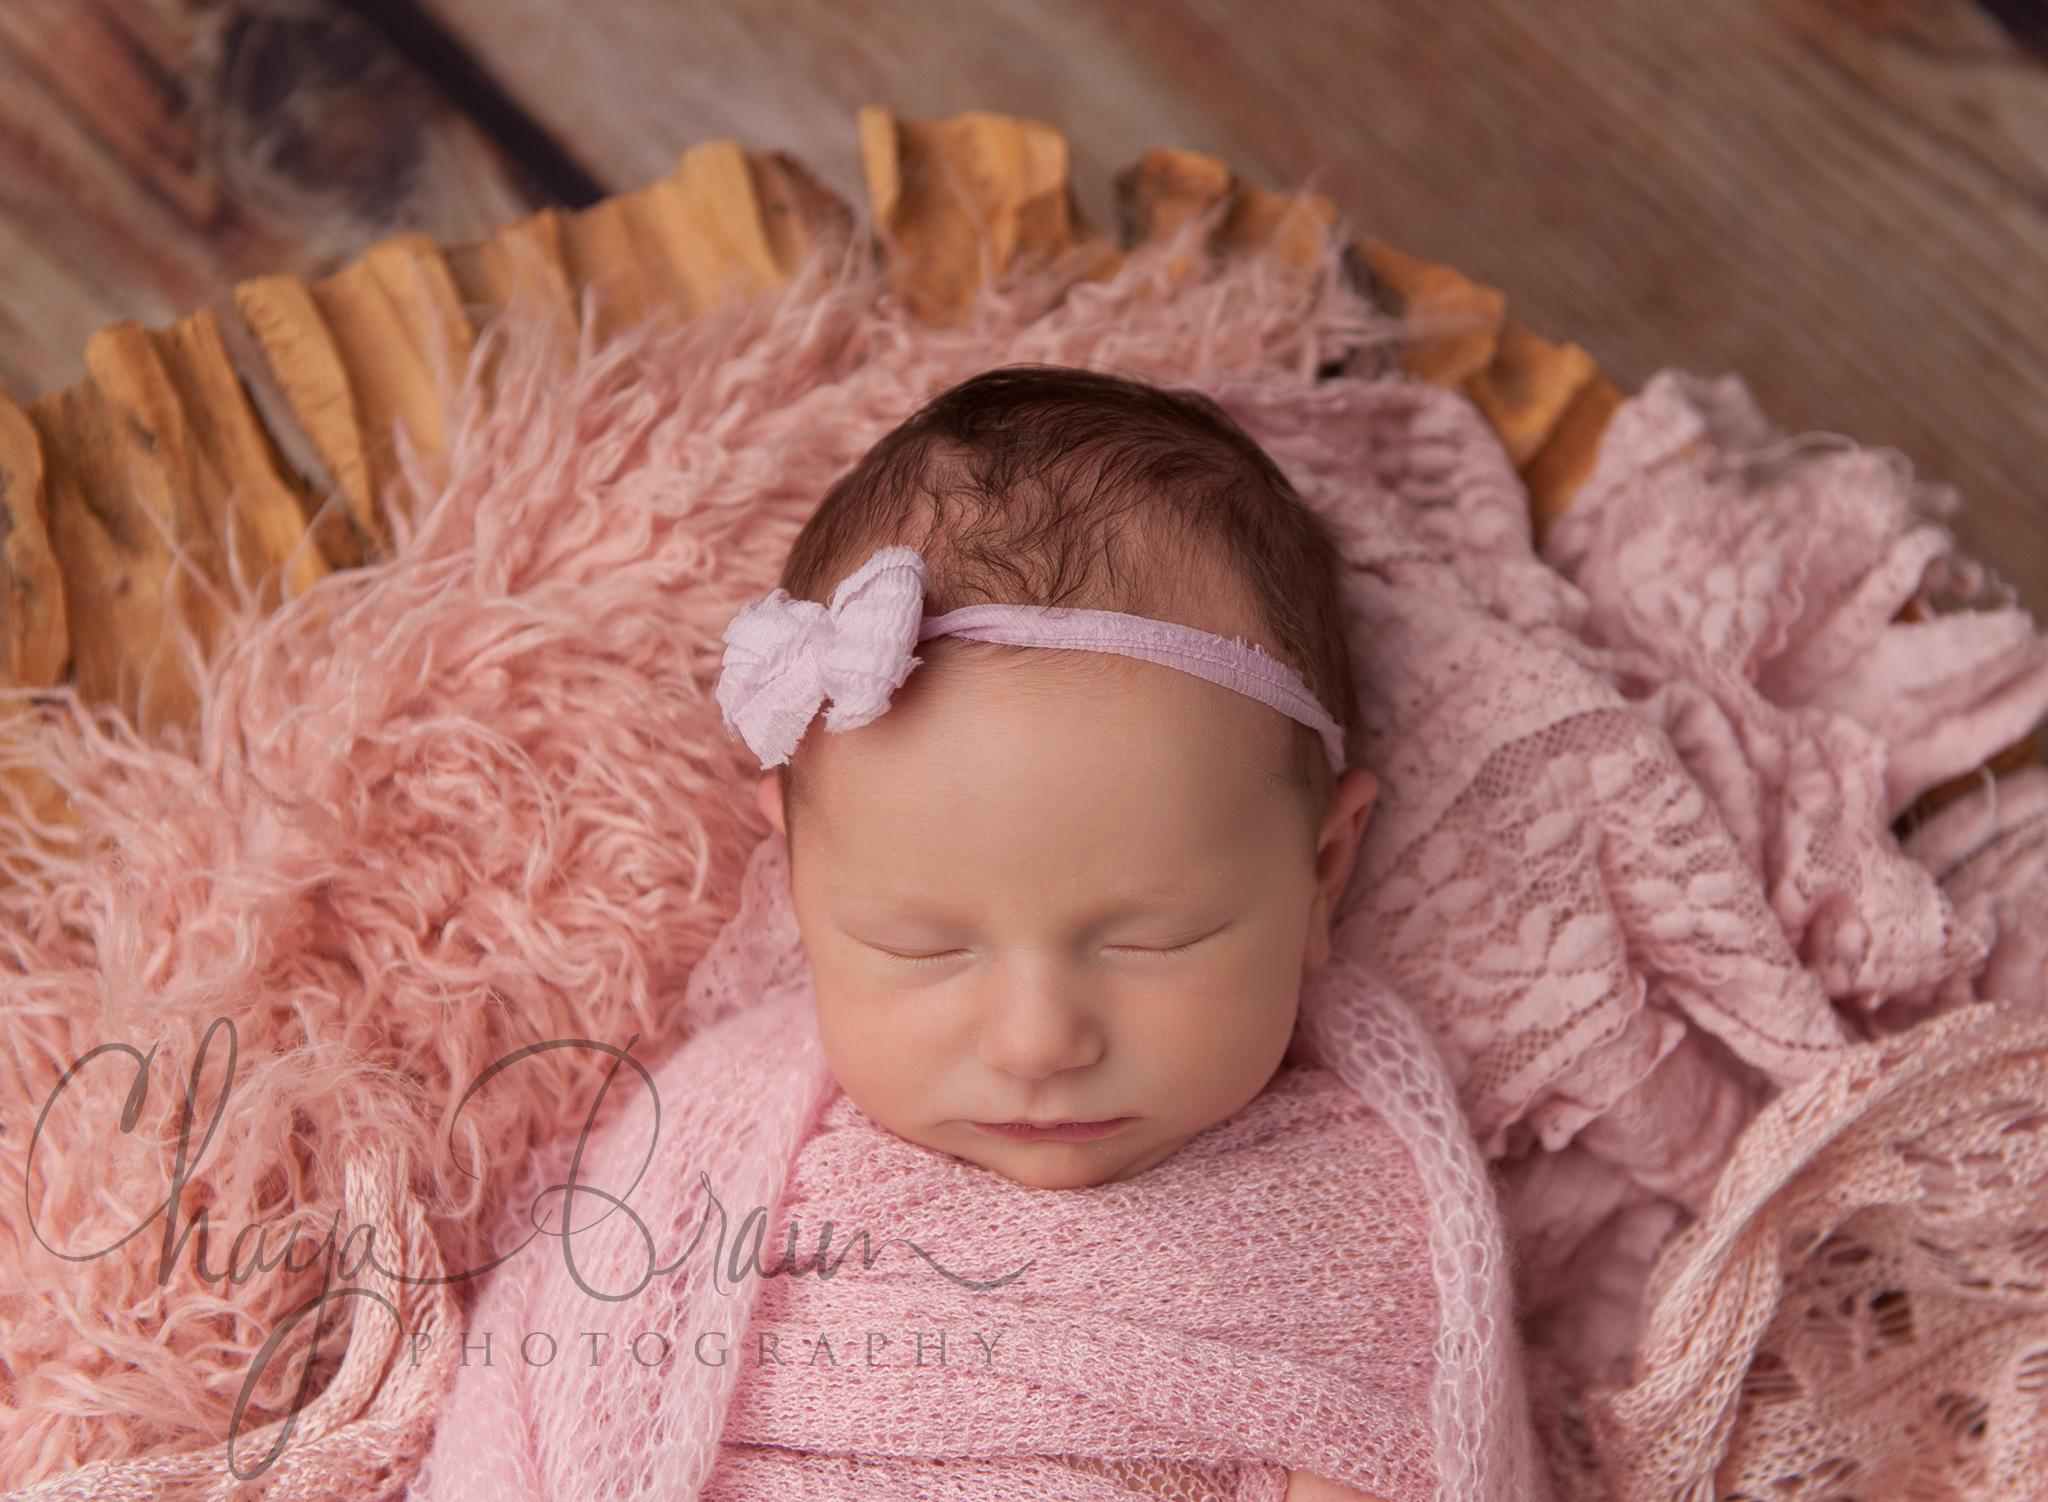 Eliana - pretty sleepy newborn baby